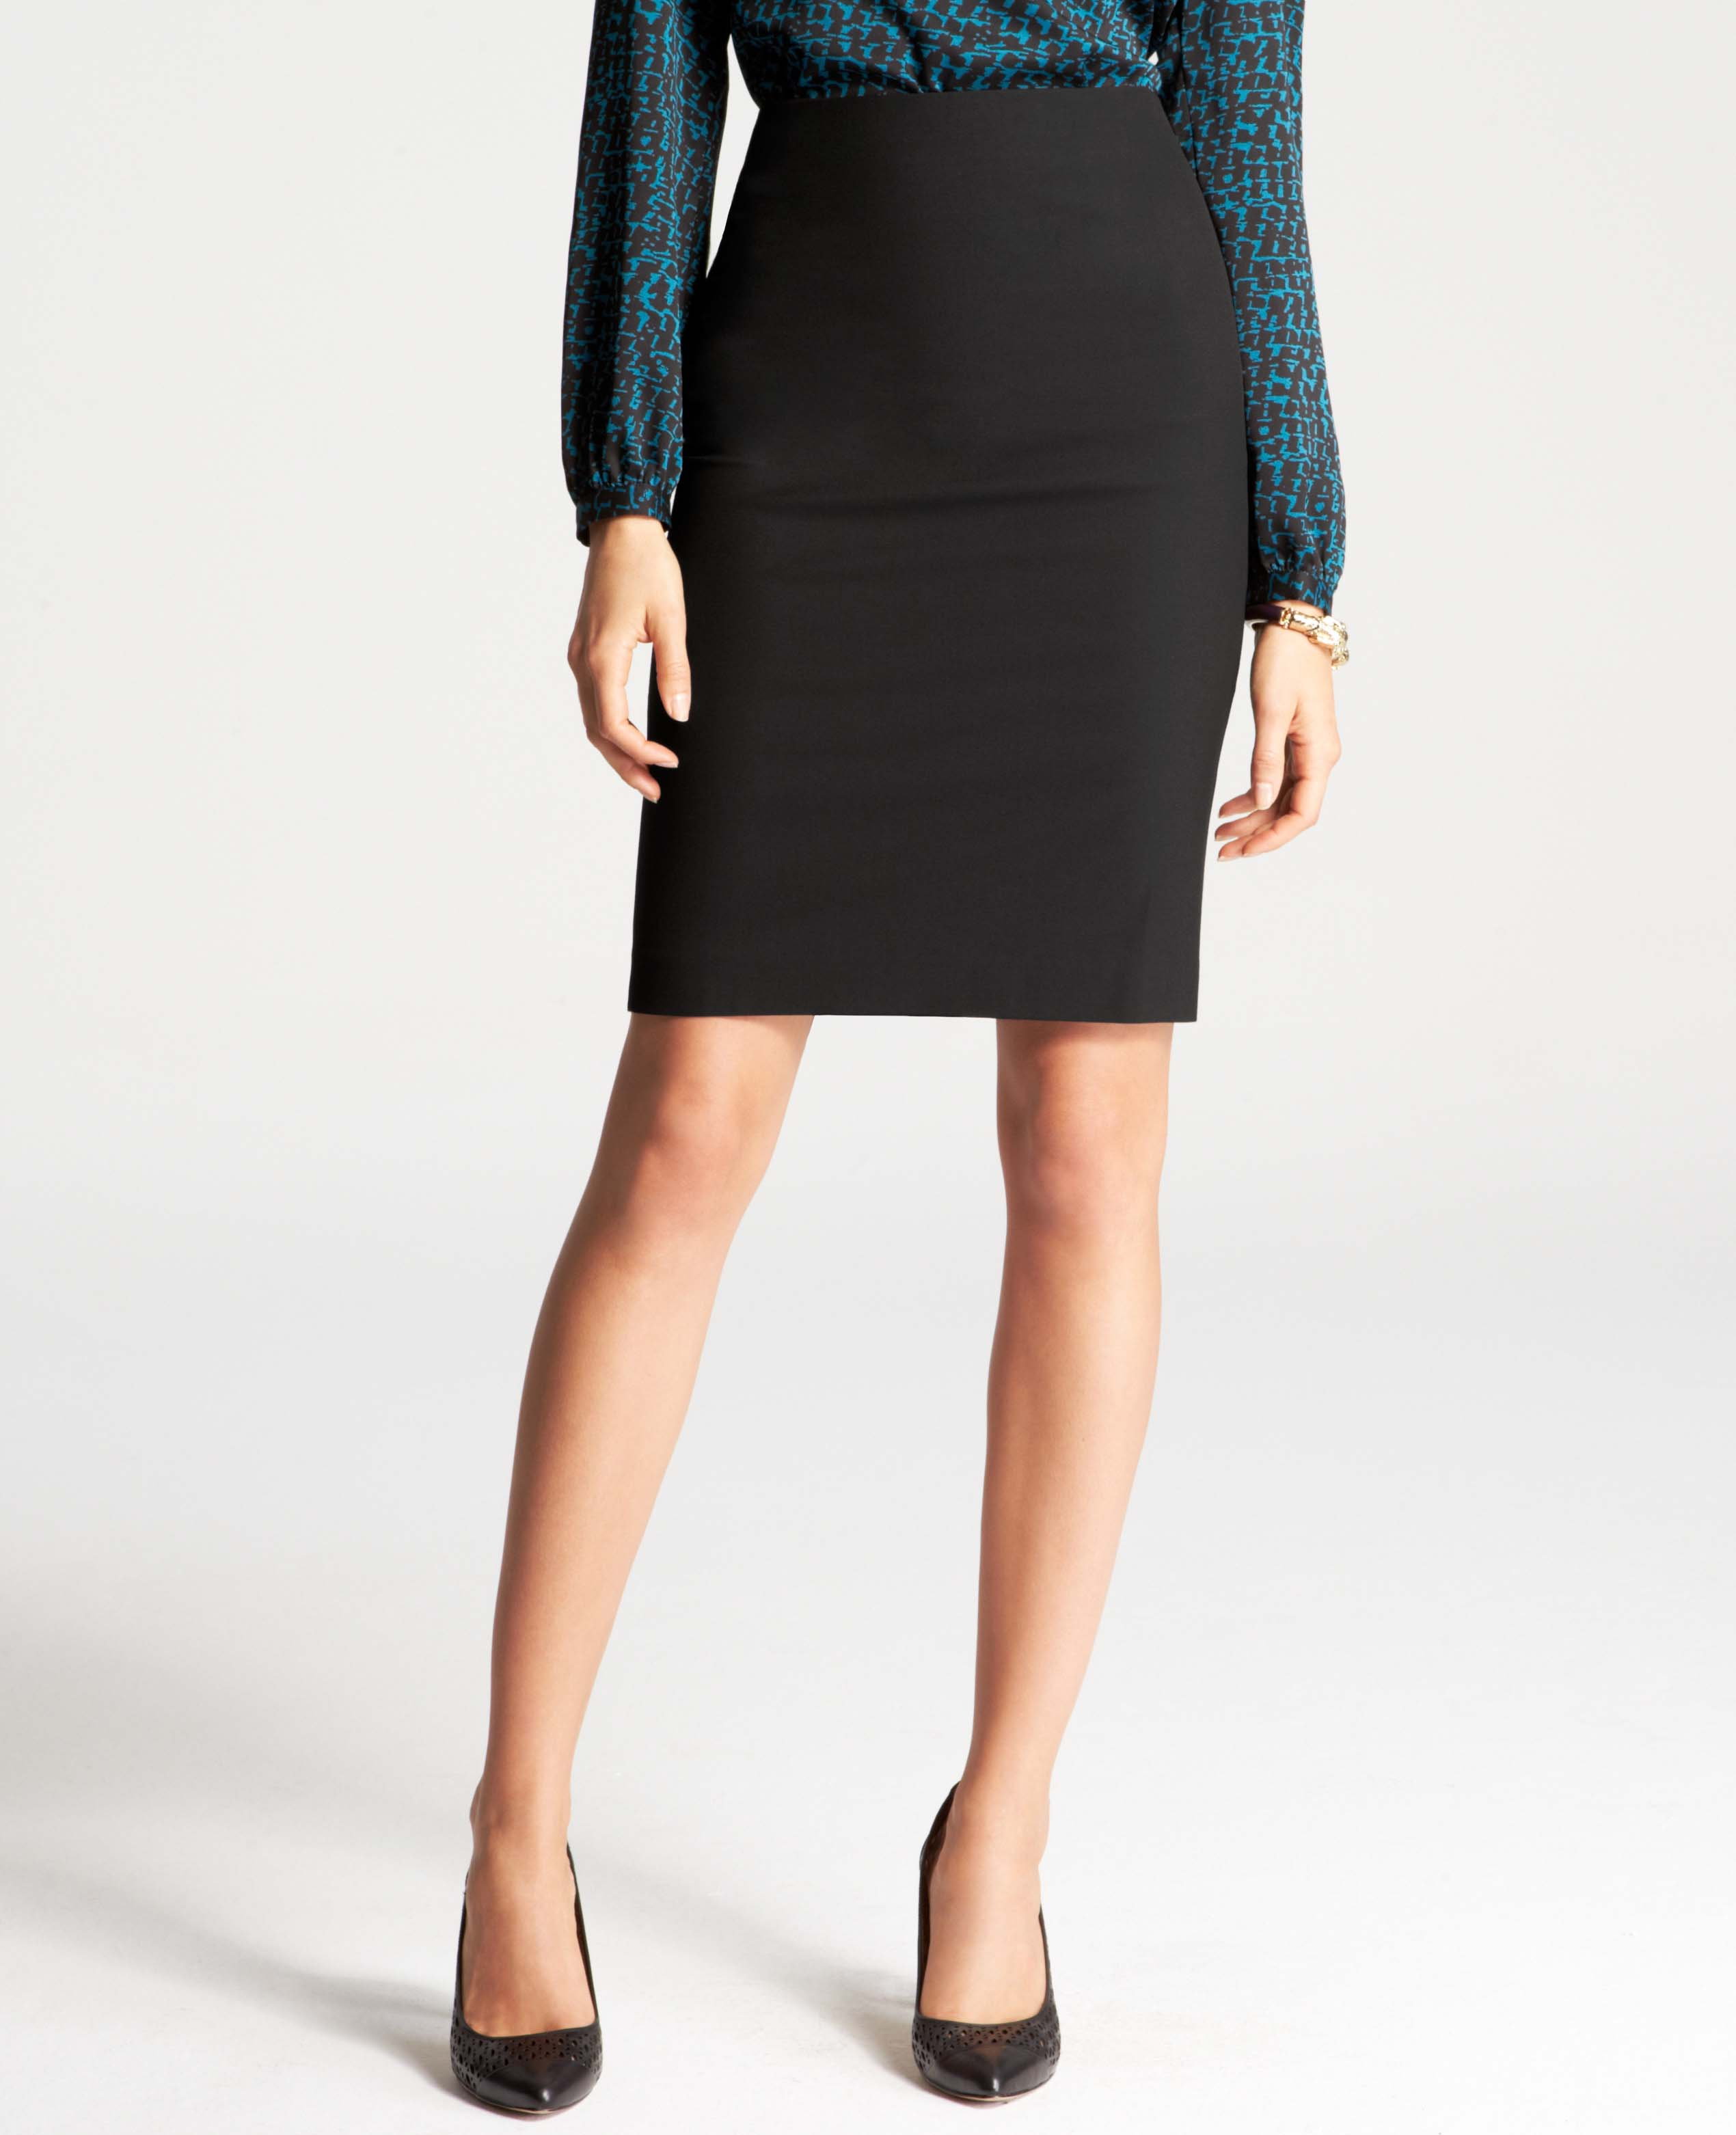 ba59ff21c Lyst - Ann Taylor Back Pleat All-Season Stretch Pencil Skirt in Black